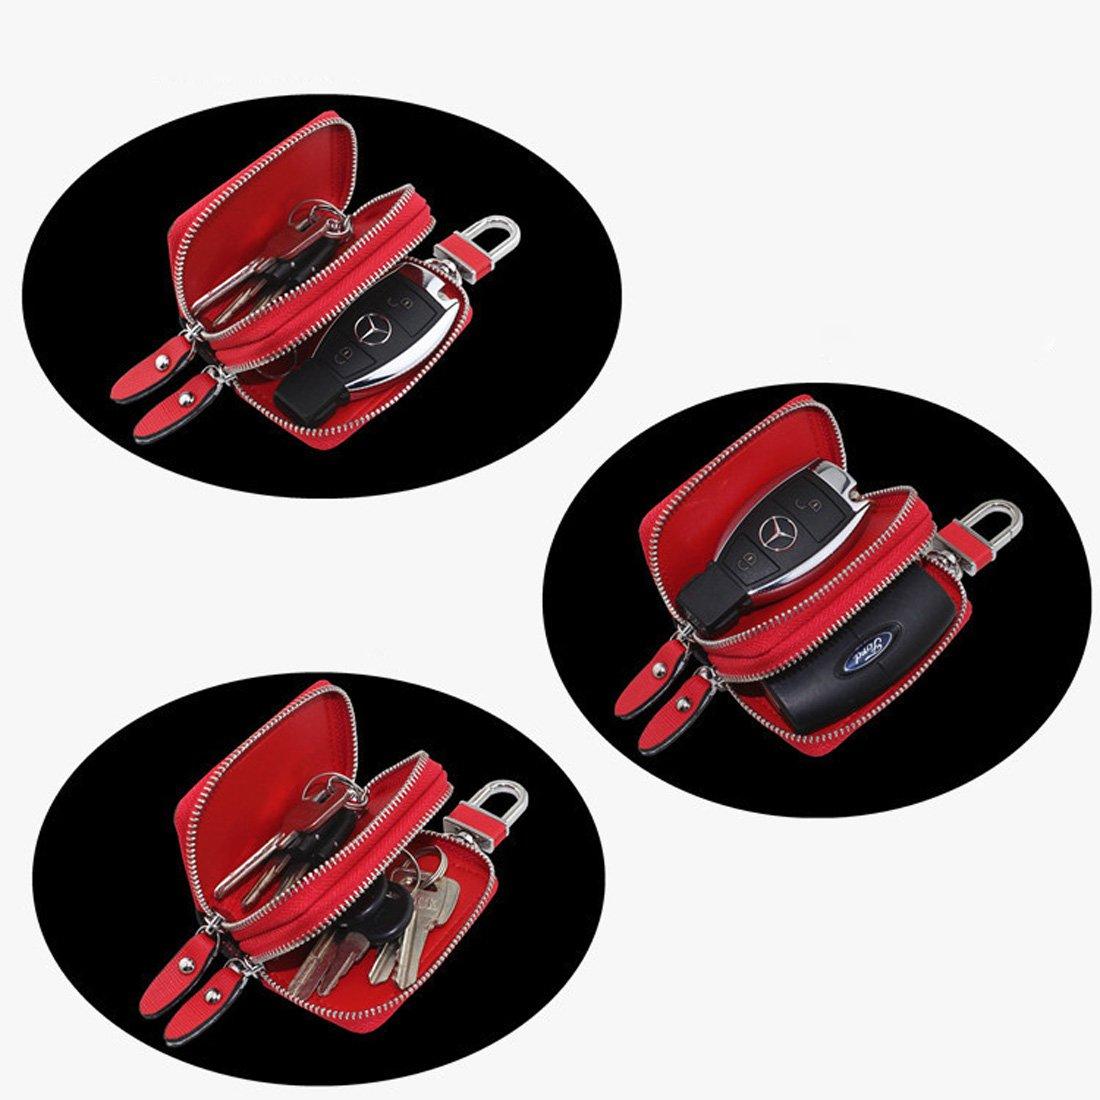 Esdrem /Étui porte-cl/és unisexe en cuir v/éritable /à double fermeture /éclair Red Large